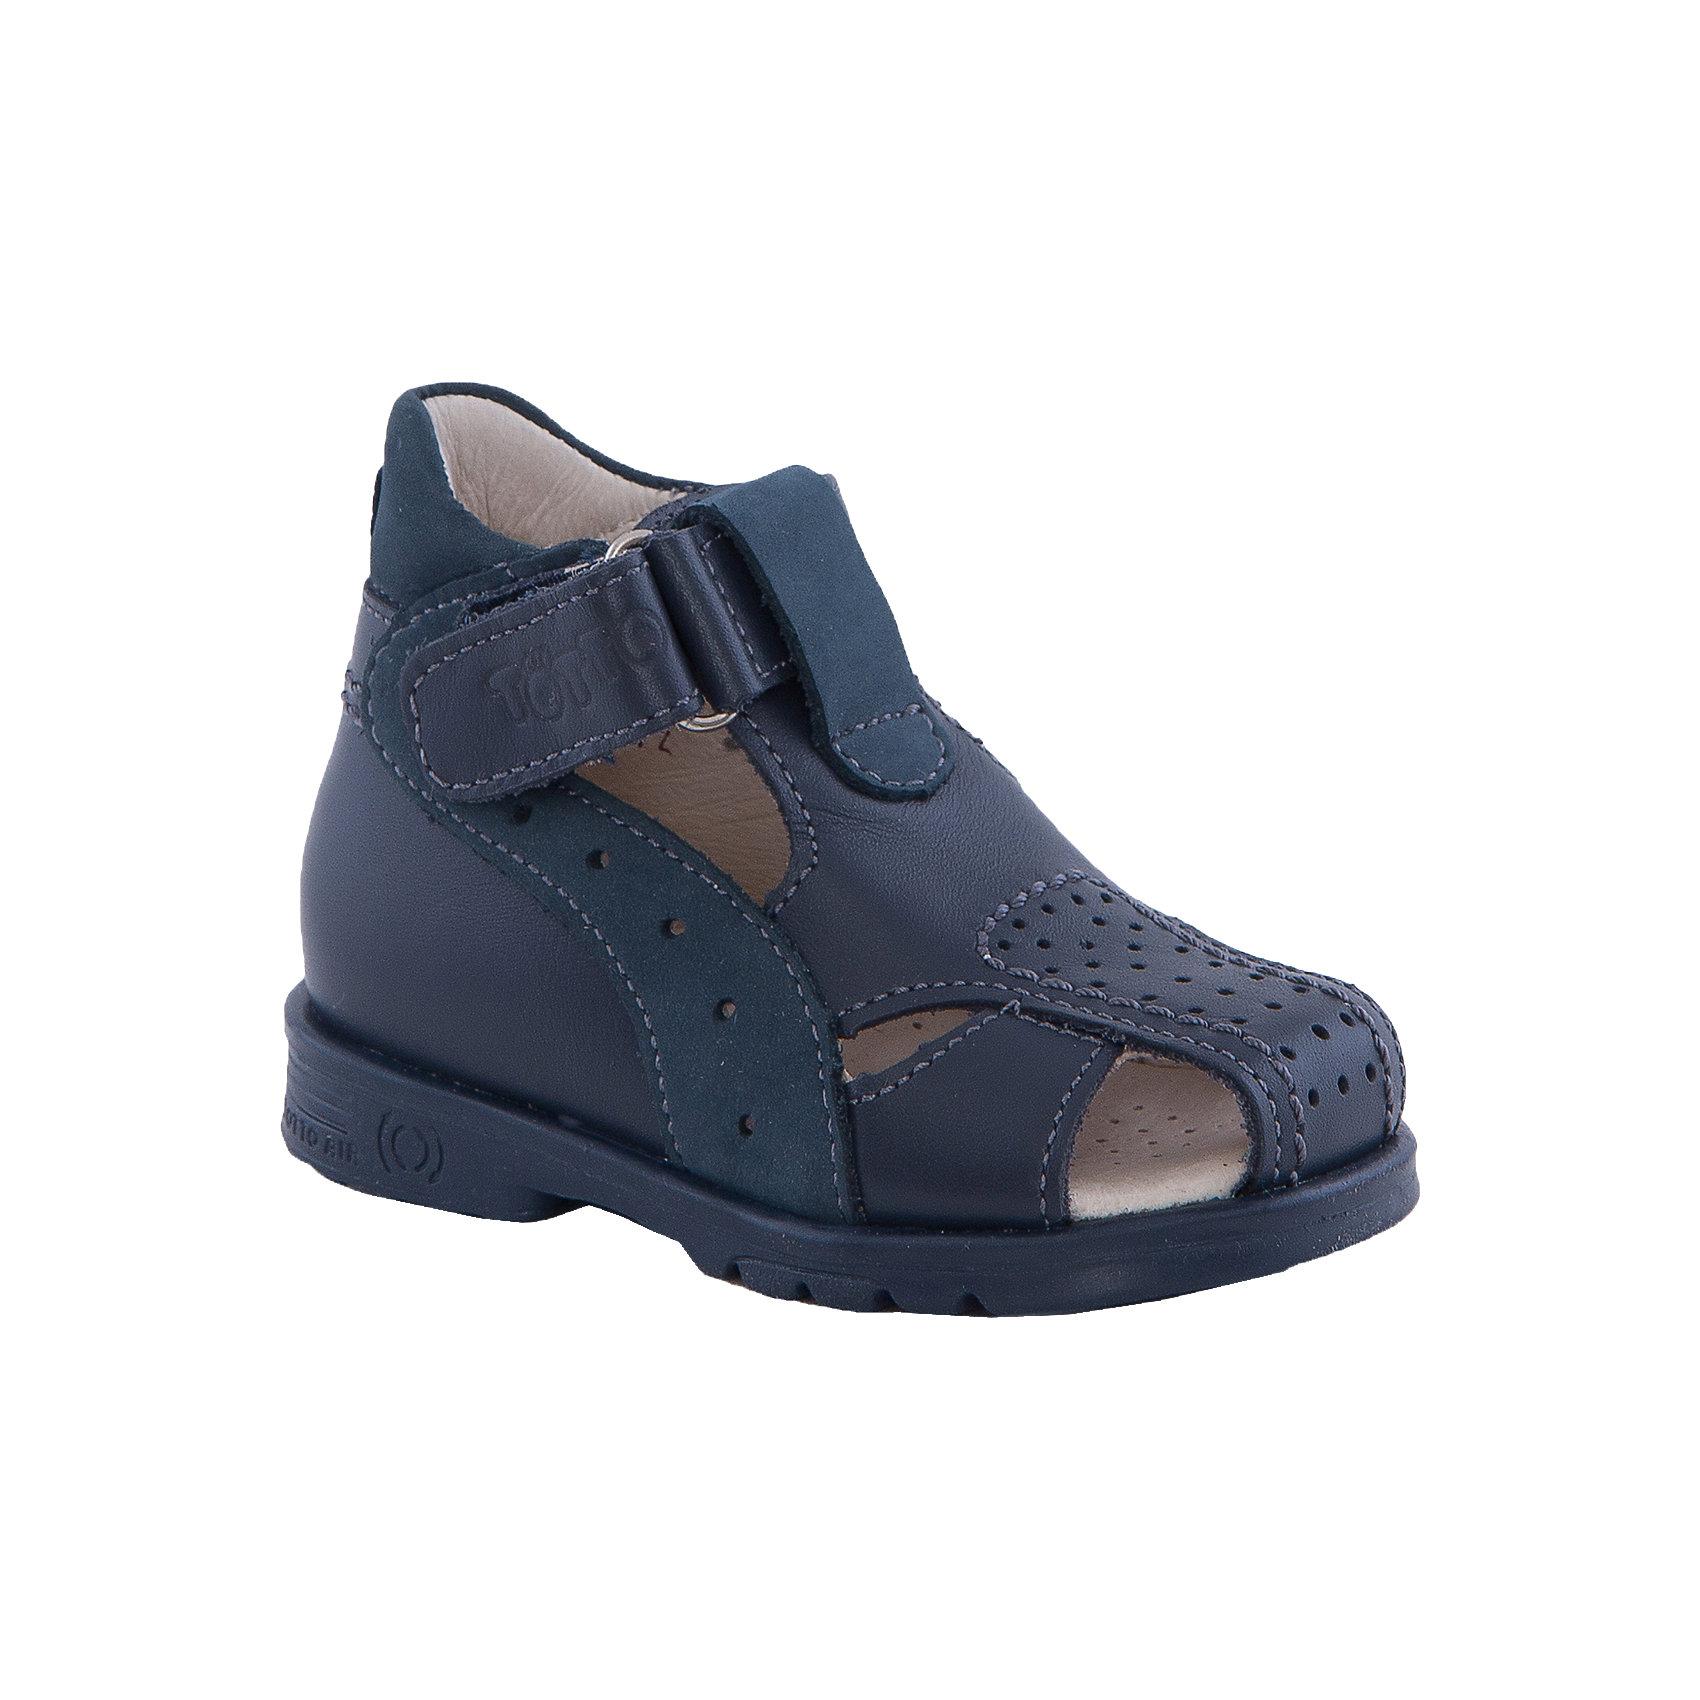 Сандалии для мальчика ТОТТОСандалии для мальчика ТОТТО<br>Стильные и удобные сандалии для мальчика от Российского производителя ТОТТО. Произведены в соответствии с рекомендациями ортопедов, имеют супинатор, который предотвращает образование плоскостопия и жесткий задник, продленный до середины стопы. Сандалии обеспечивают плотную фиксацию голеностопа и имеют мягкие нейтрализующие швы. Каблук Томаса распределяет нагрузку на стопу и не дает ей заваливаться внутрь. Свободная, широкая передняя часть сандалий не ограничивает формирование и рост детской стропы и пальчиков. Сандалии выполнены в темно-синем цвете и застегиваются на липучку. <br>Дополнительная информация:<br>- Тип застежки: липучка.<br>Состав:<br>- Натуральная кожа<br><br>Сандалии для мальчика ТОТТО можно купить в нашем магазине.<br>Подробнее:<br>• Для детей в возрасте: от 6-12 мес.<br>• Номер товара: 4794565<br>Страна производитель: Российская Федерация<br><br>Ширина мм: 219<br>Глубина мм: 154<br>Высота мм: 121<br>Вес г: 343<br>Цвет: синий<br>Возраст от месяцев: 9<br>Возраст до месяцев: 12<br>Пол: Мужской<br>Возраст: Детский<br>Размер: 20,26,19,25,24,23,22,21<br>SKU: 4794564